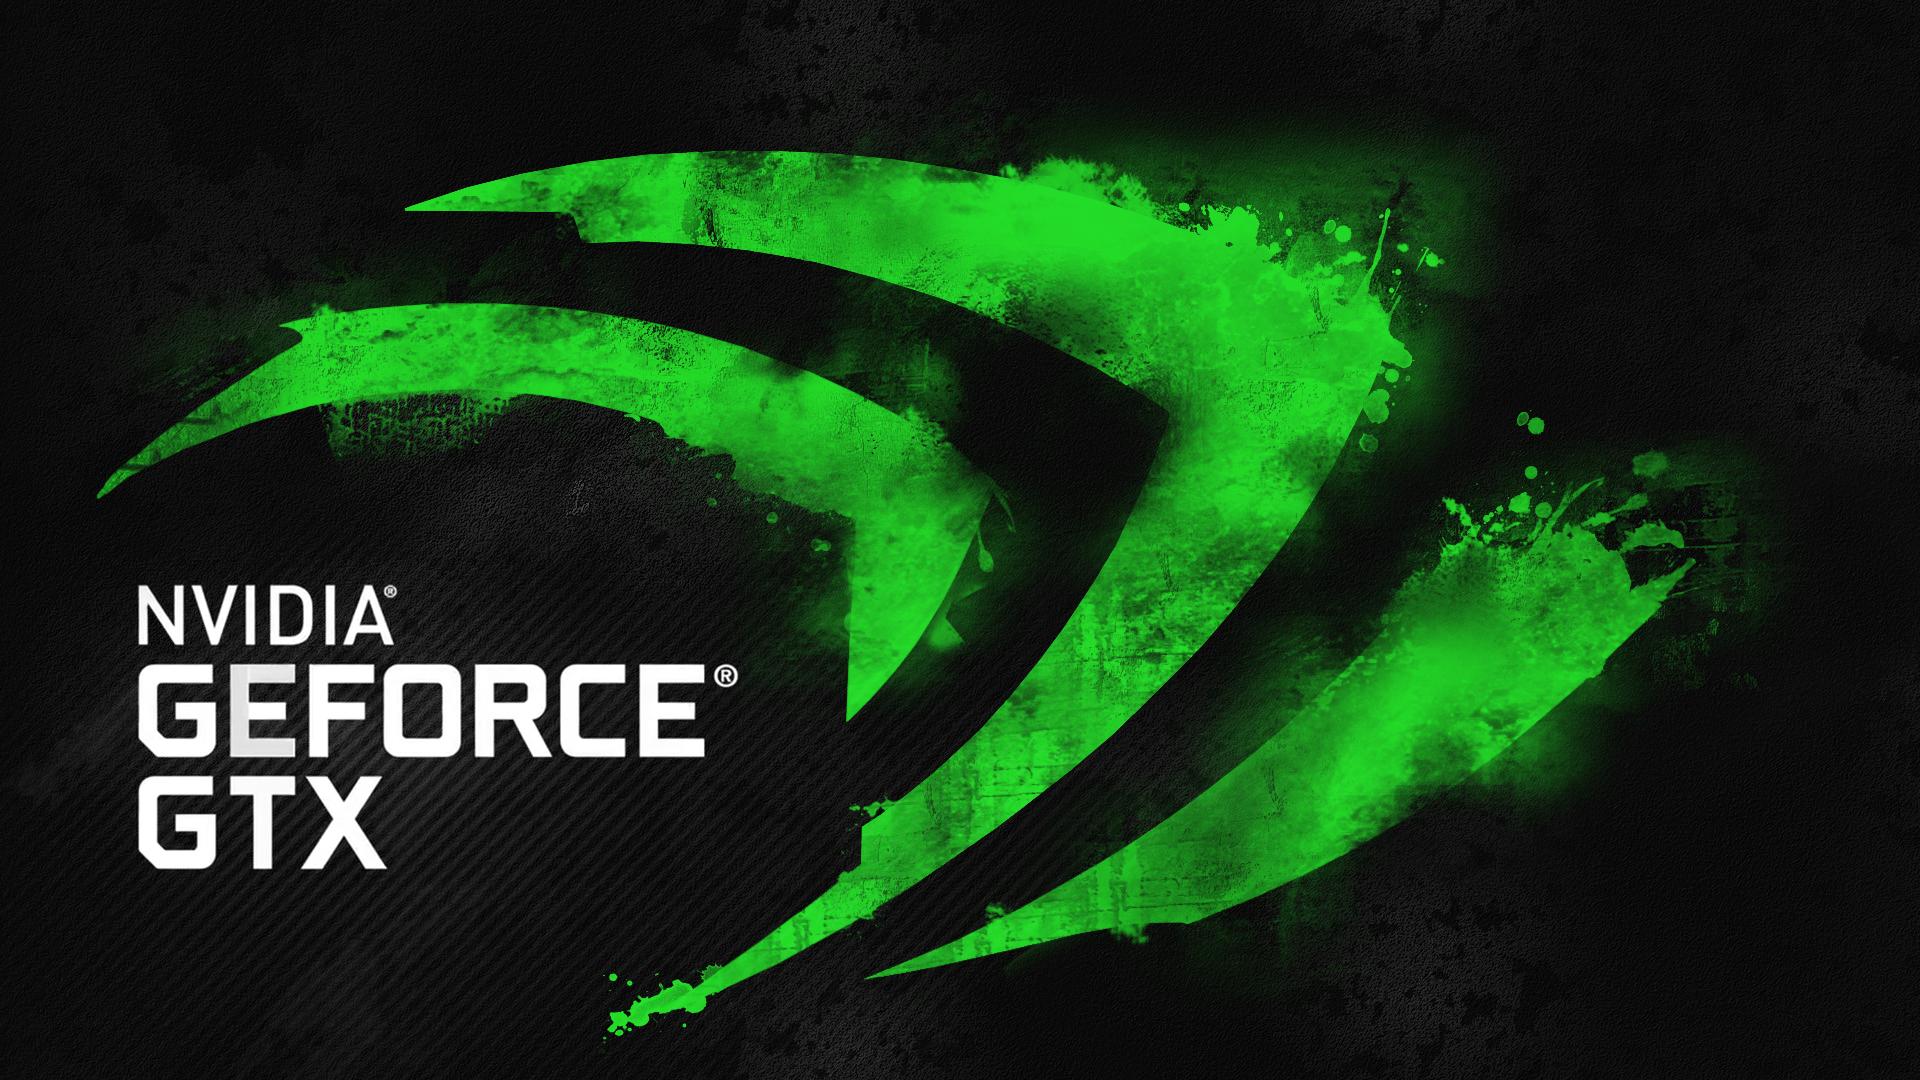 Tiembla Nvidia? AMD muestra su rendimiento en Directx 12